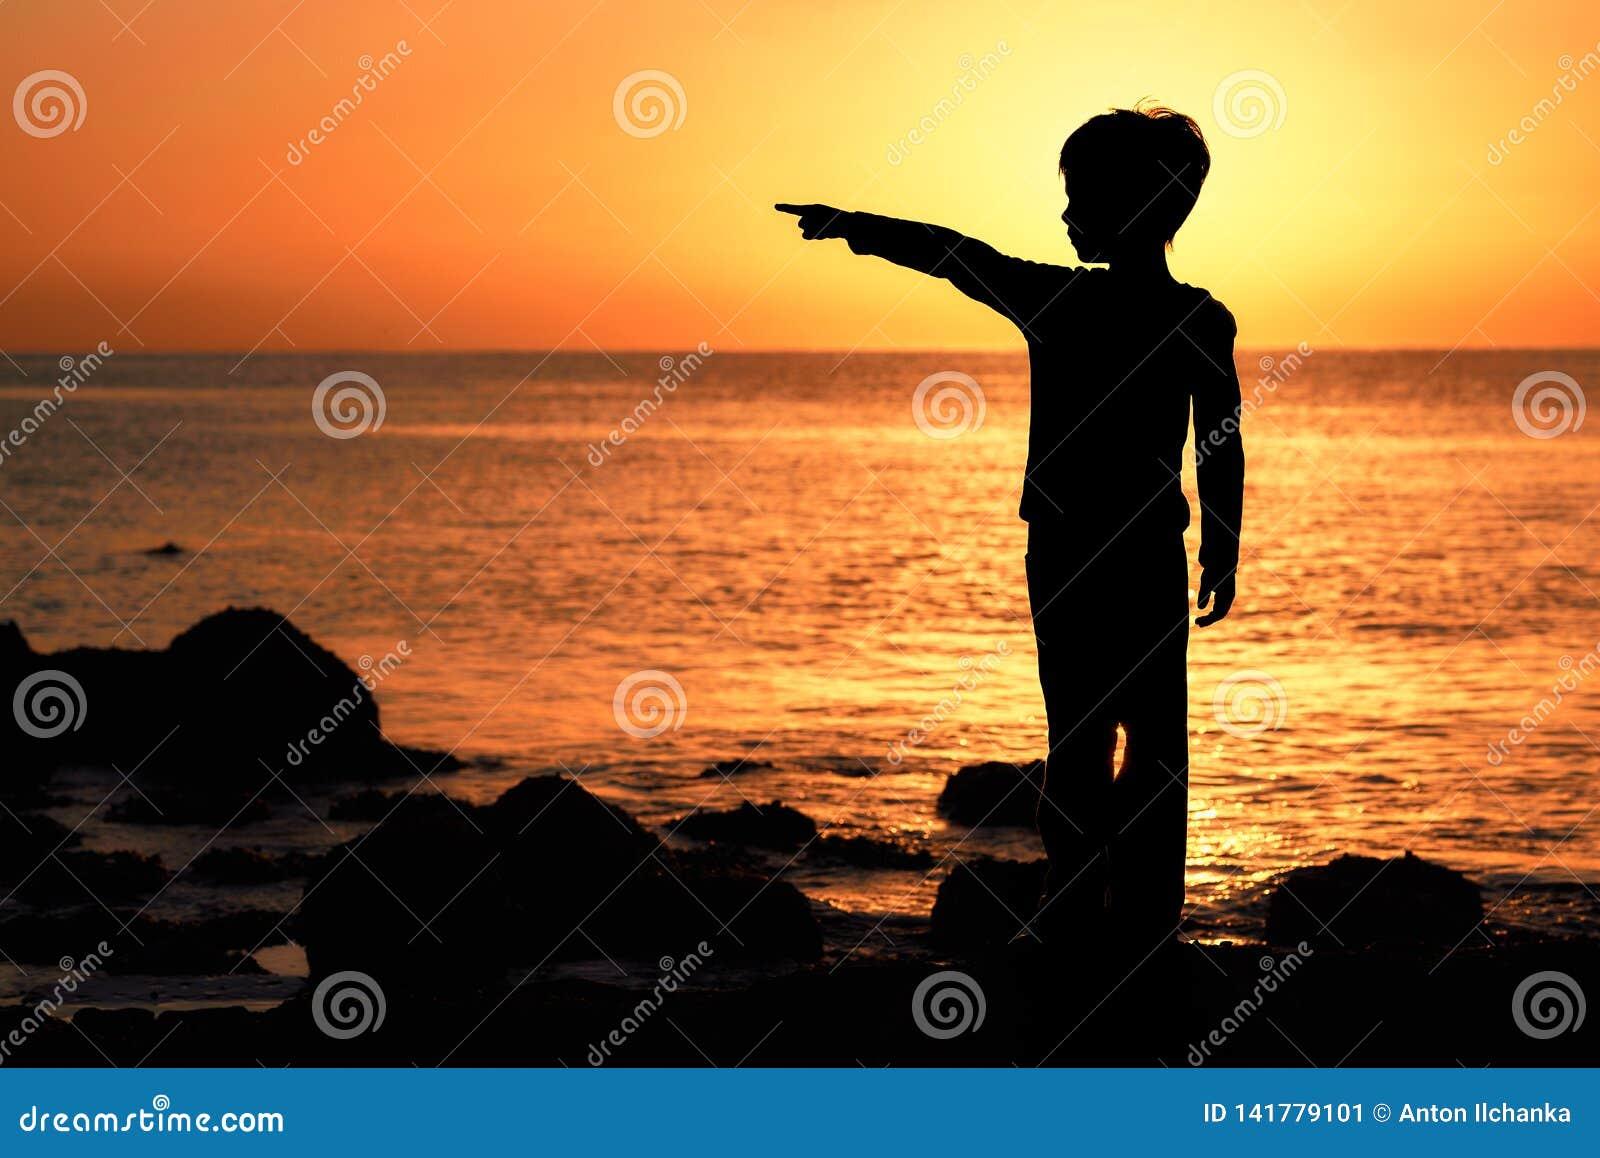 Kontur eines Jungen mit den Daumen angehoben bei Sonnenaufgangsonnenuntergang auf der Küste